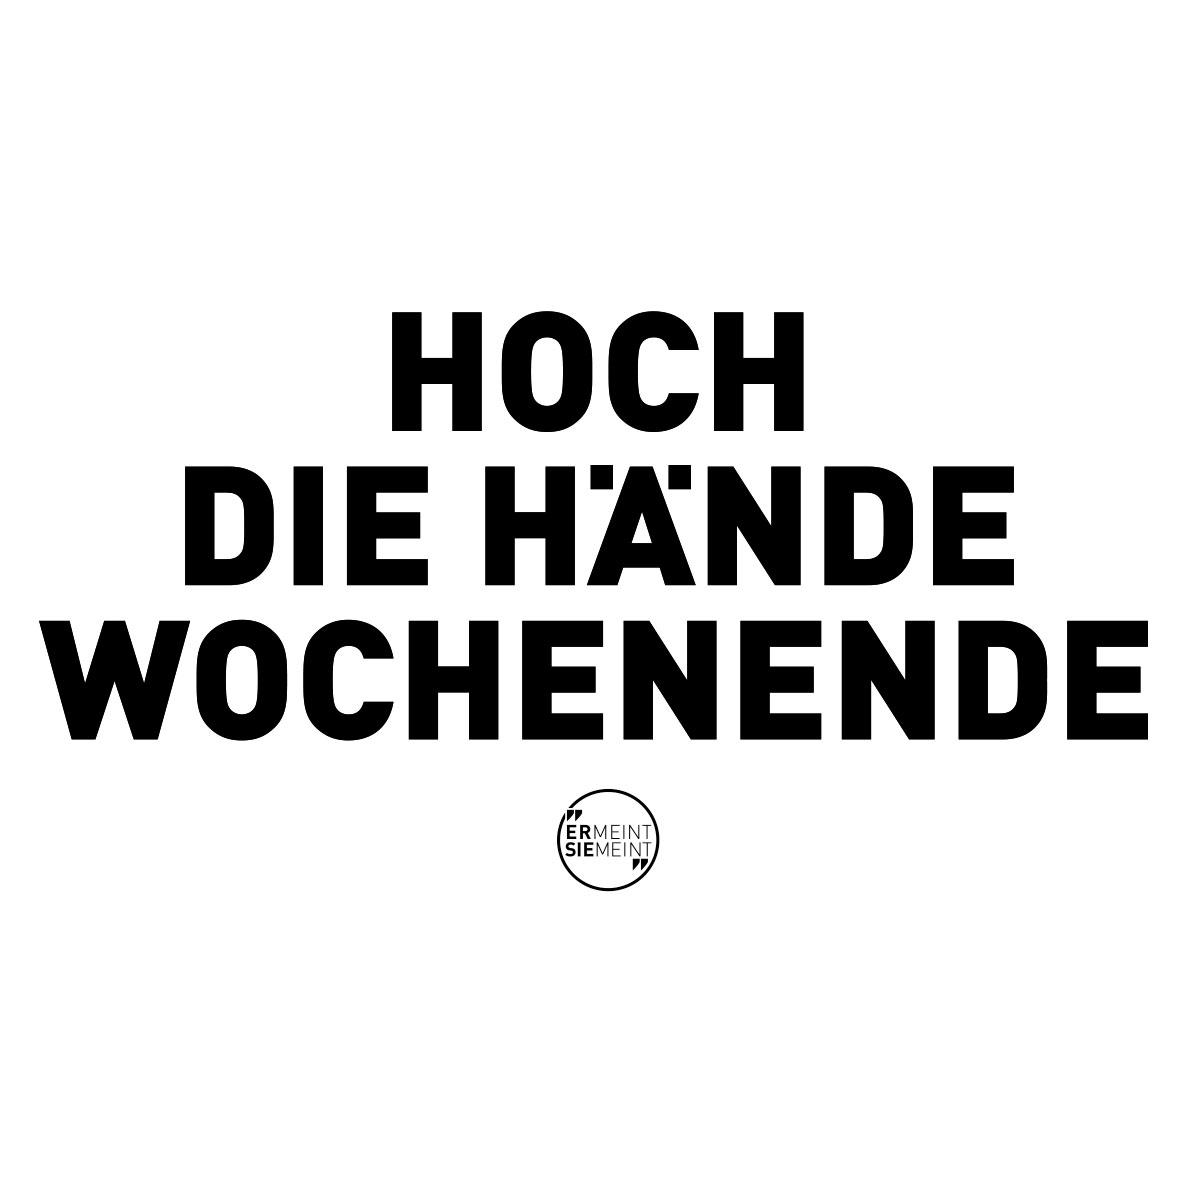 Hoch die Hände, Wochenende